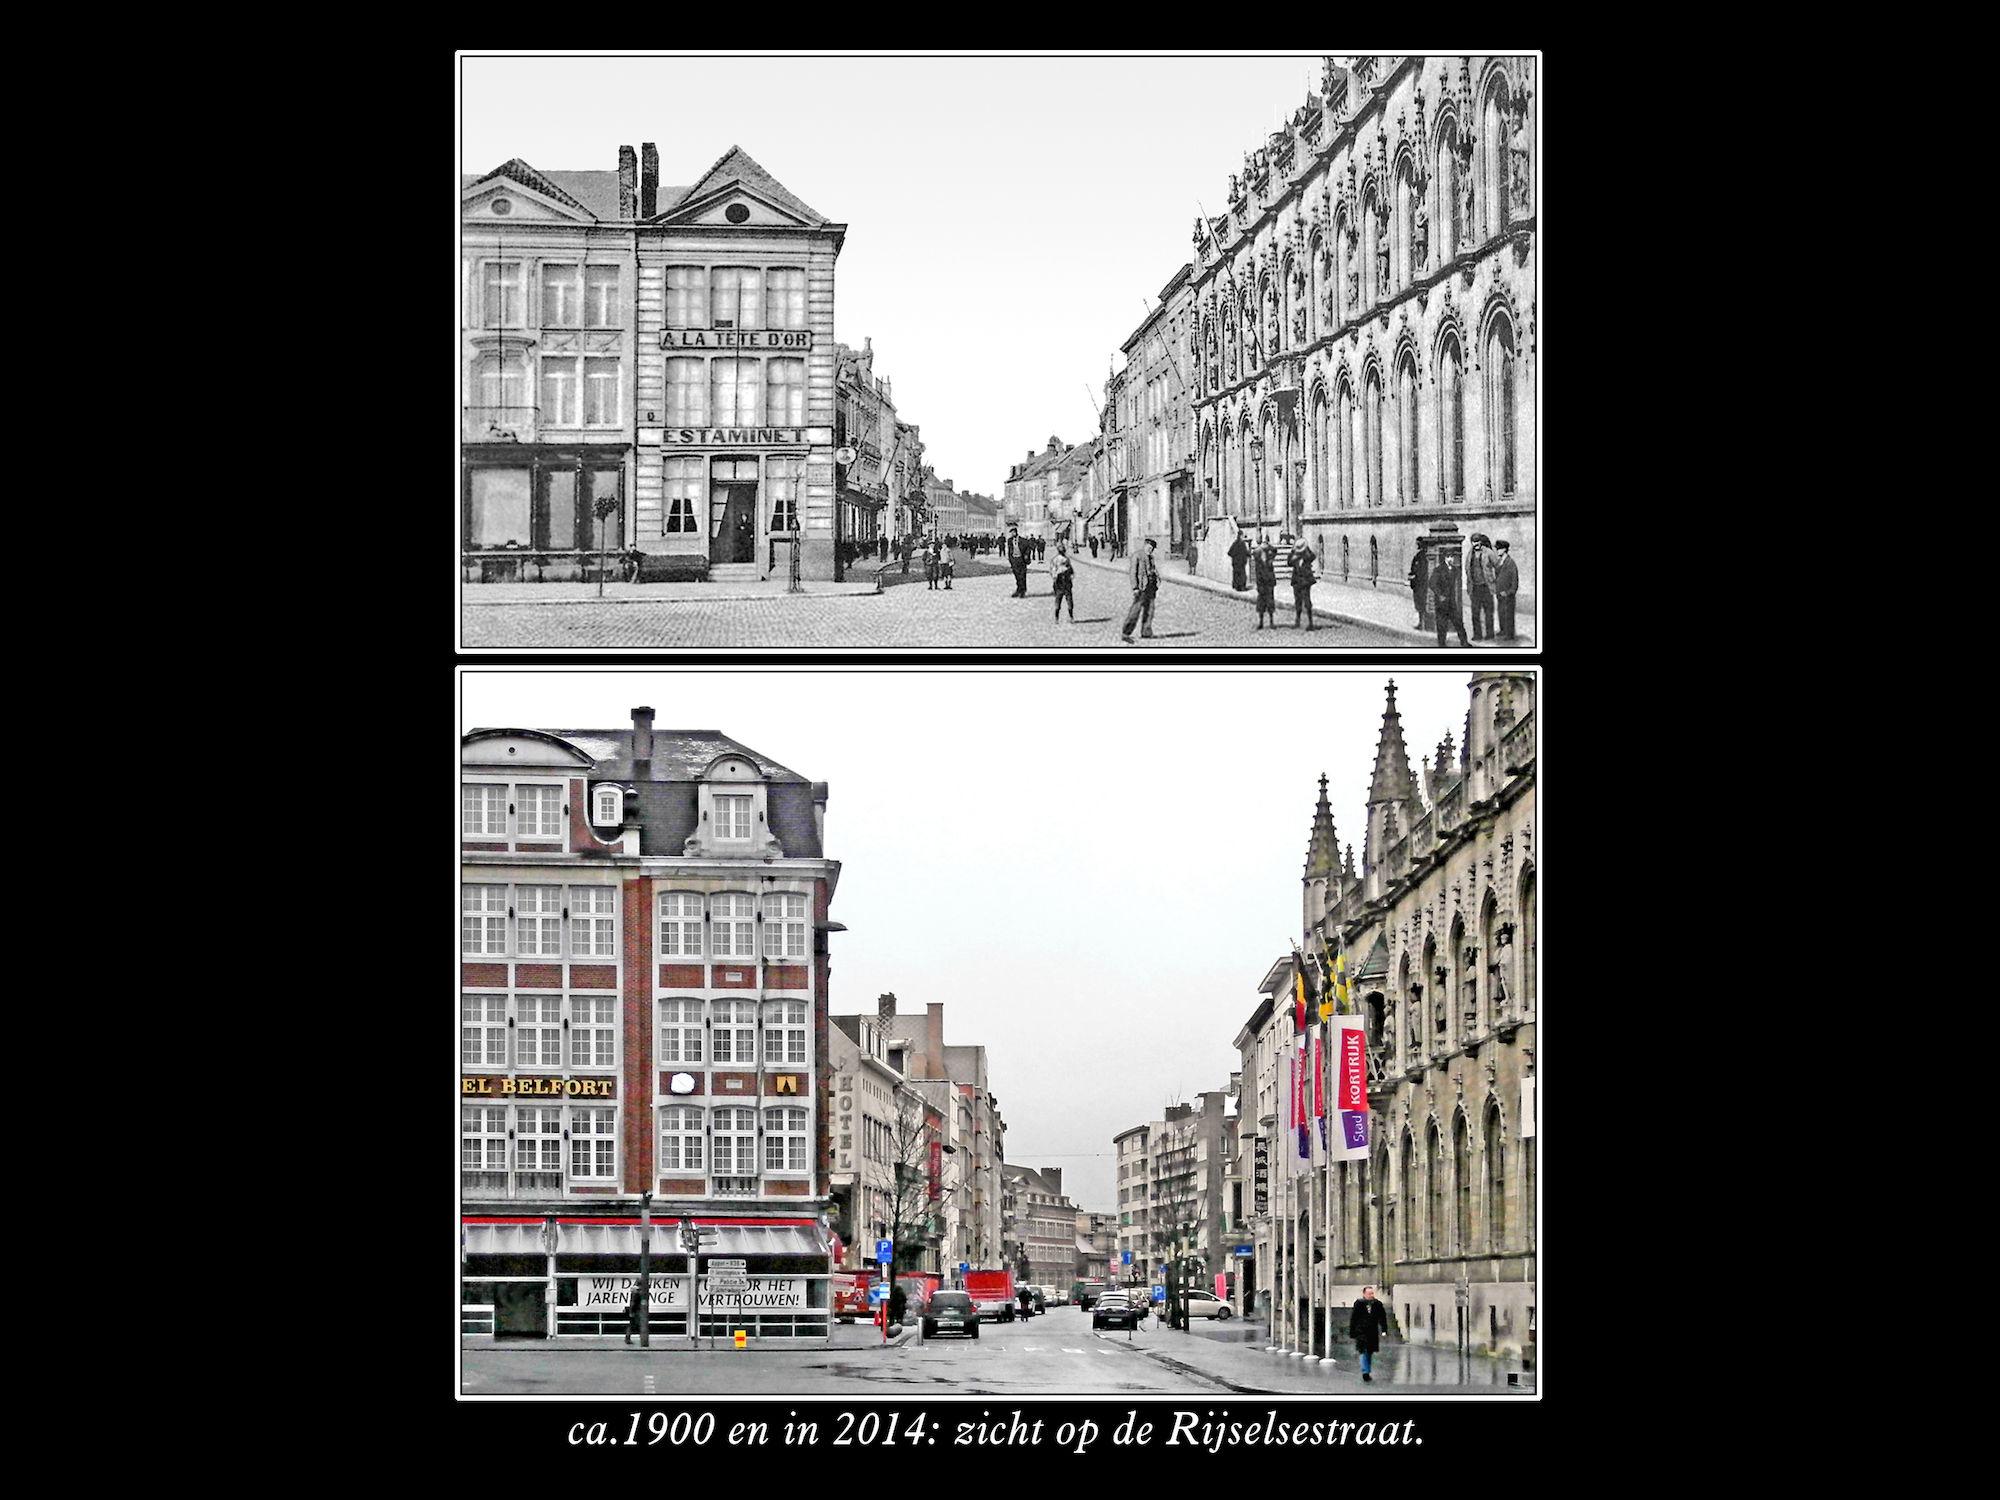 Rijselsestraatt ca1900 en 2014